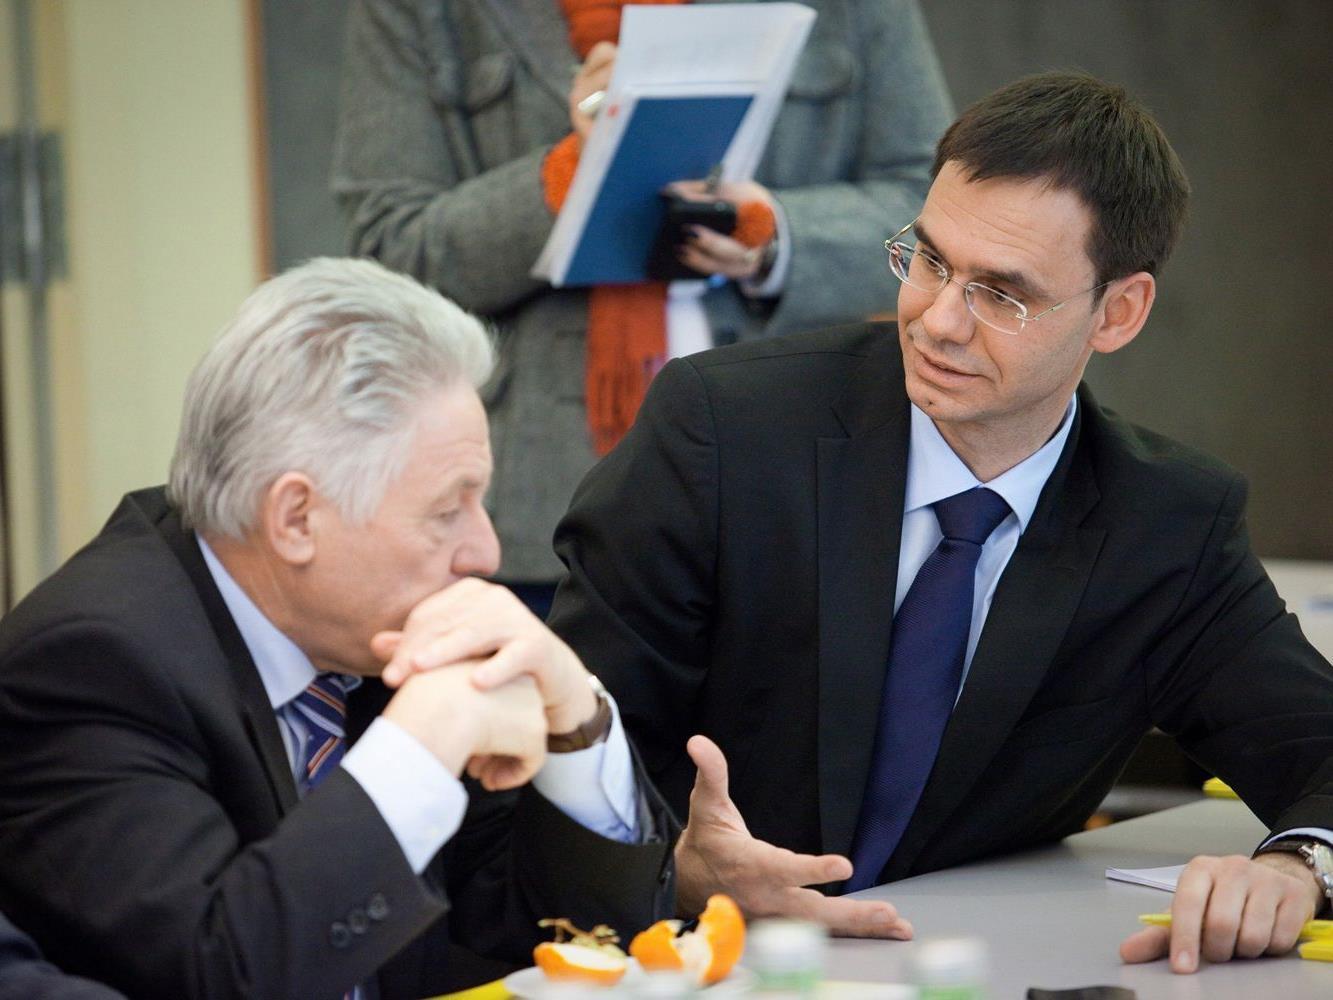 Verhandlungen zum Stabilitätspakt: LH Wallner (im Bild mit Oberösterreichs Landeshauptmann Pühringer) wurde als Ländervertreter nominiert